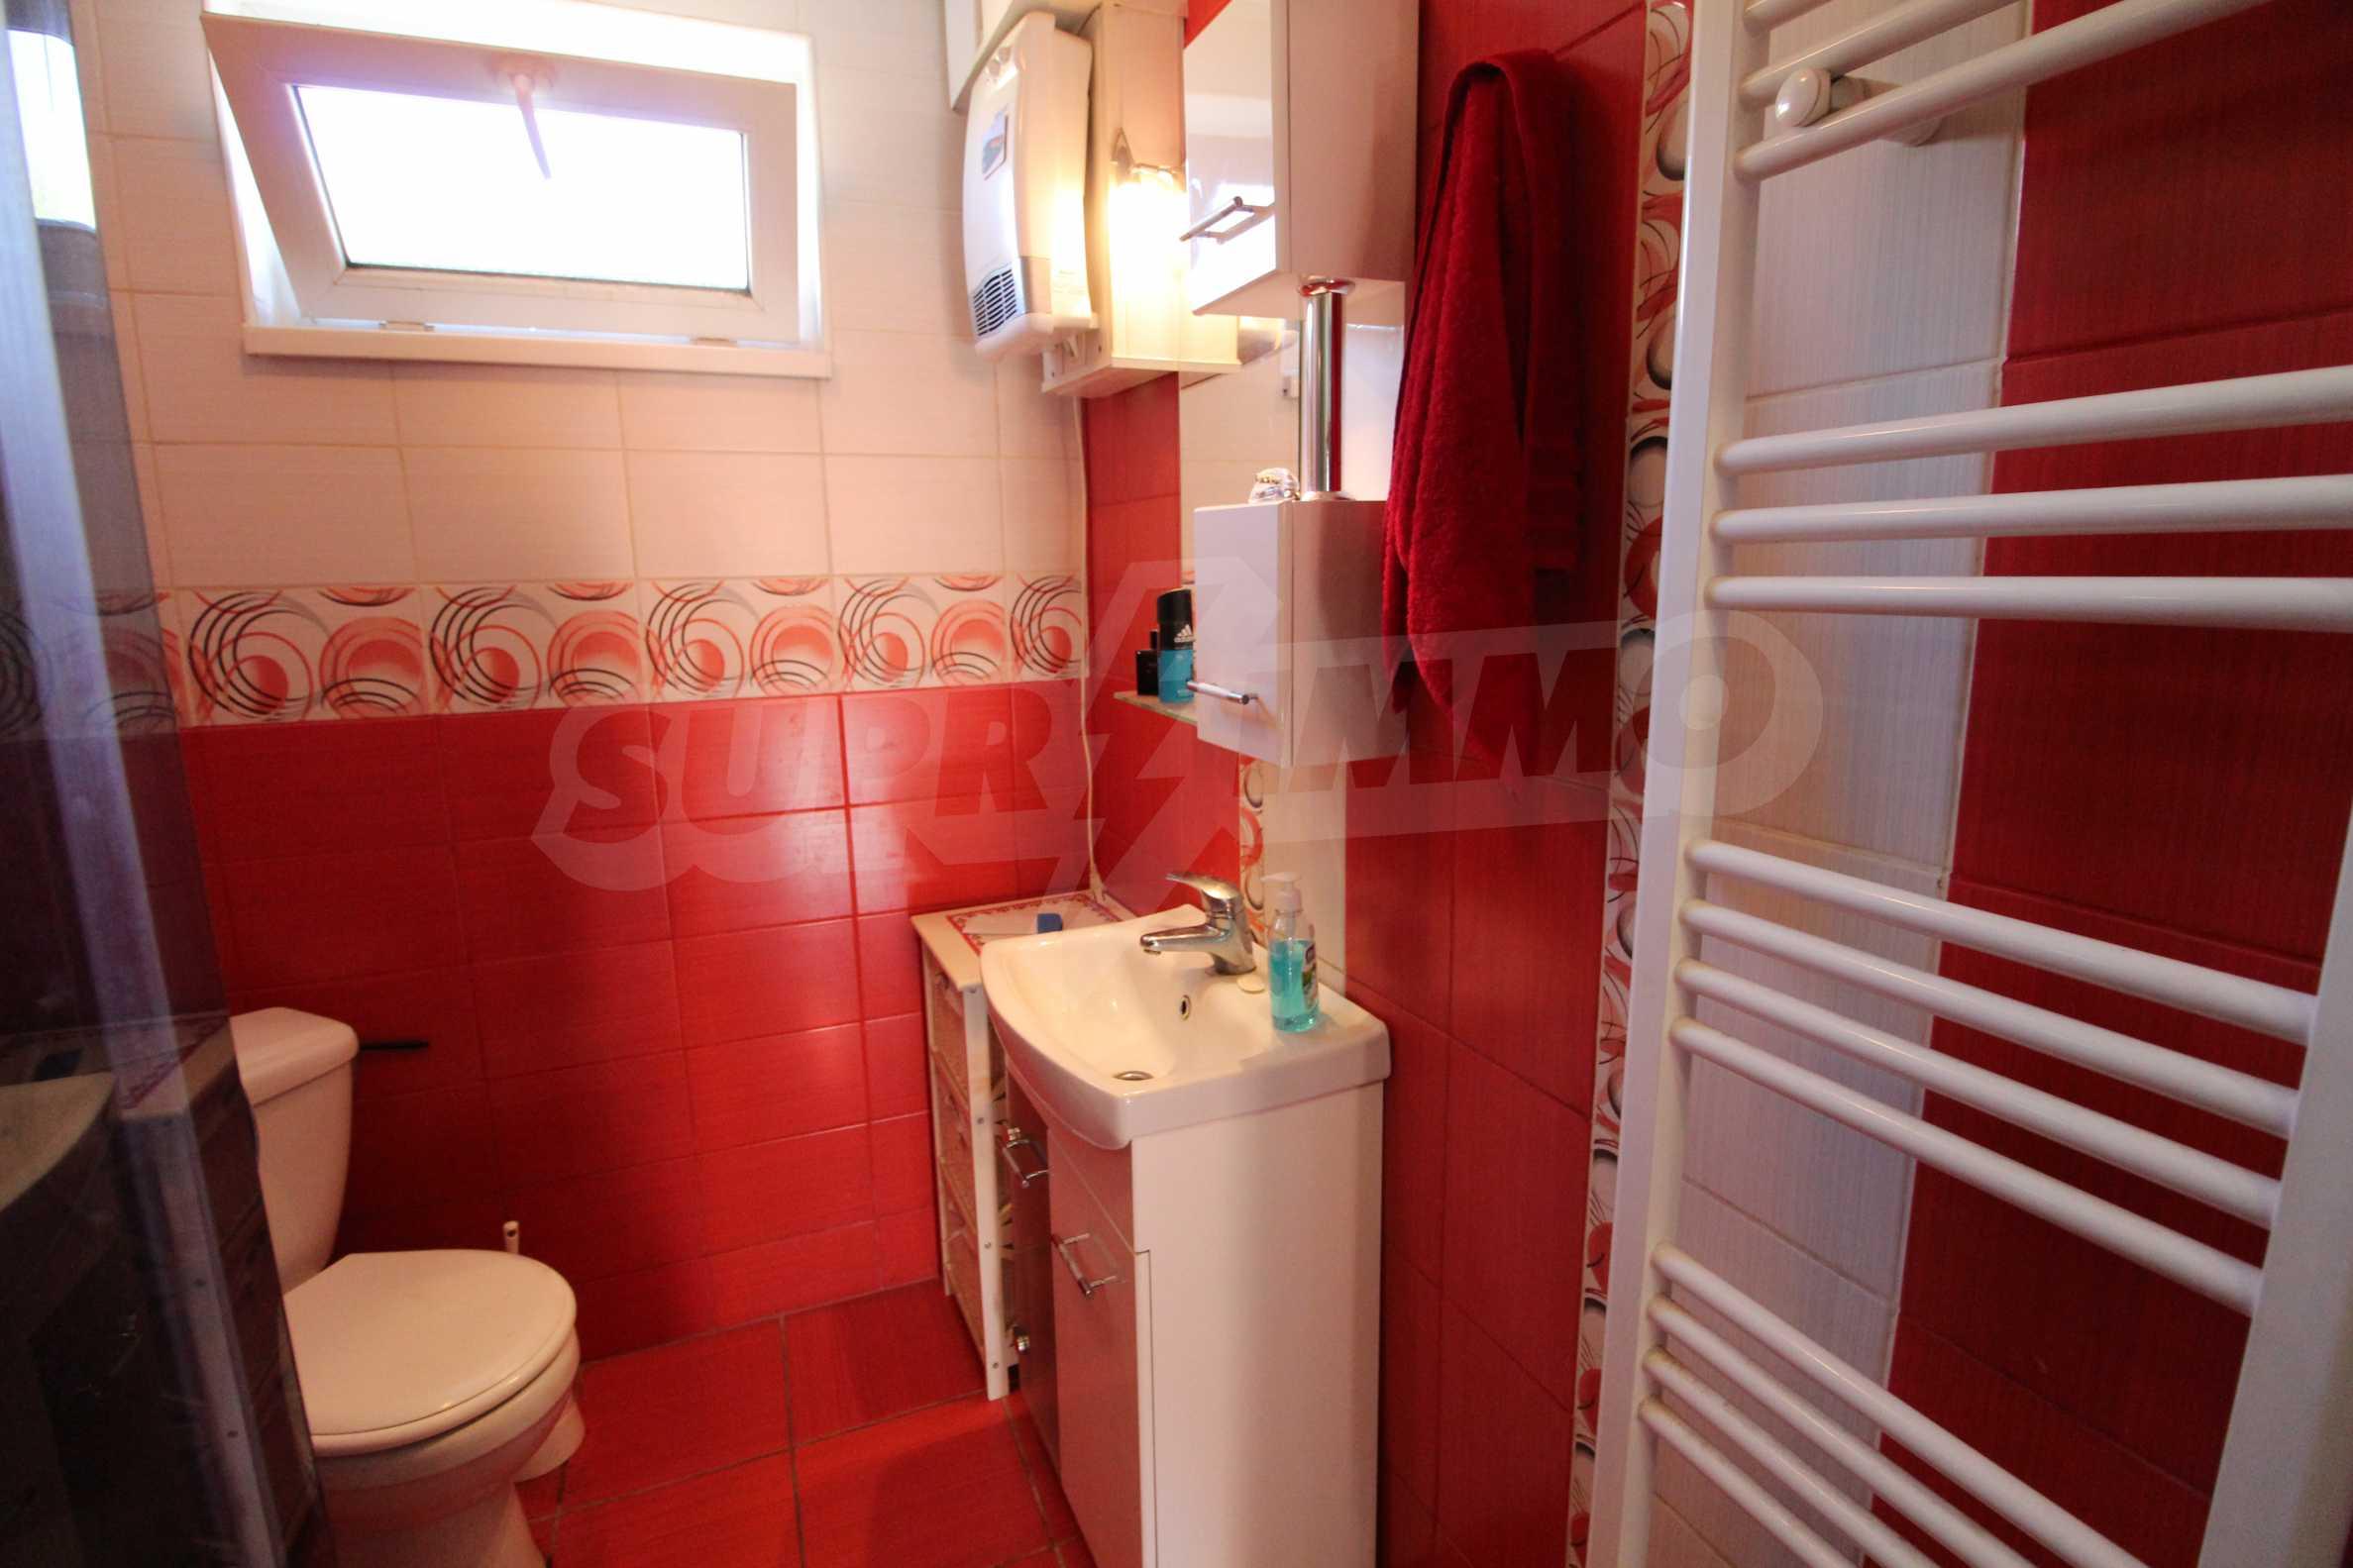 Реновирана двуетажна къща само на 24 км от Велико Търново  49